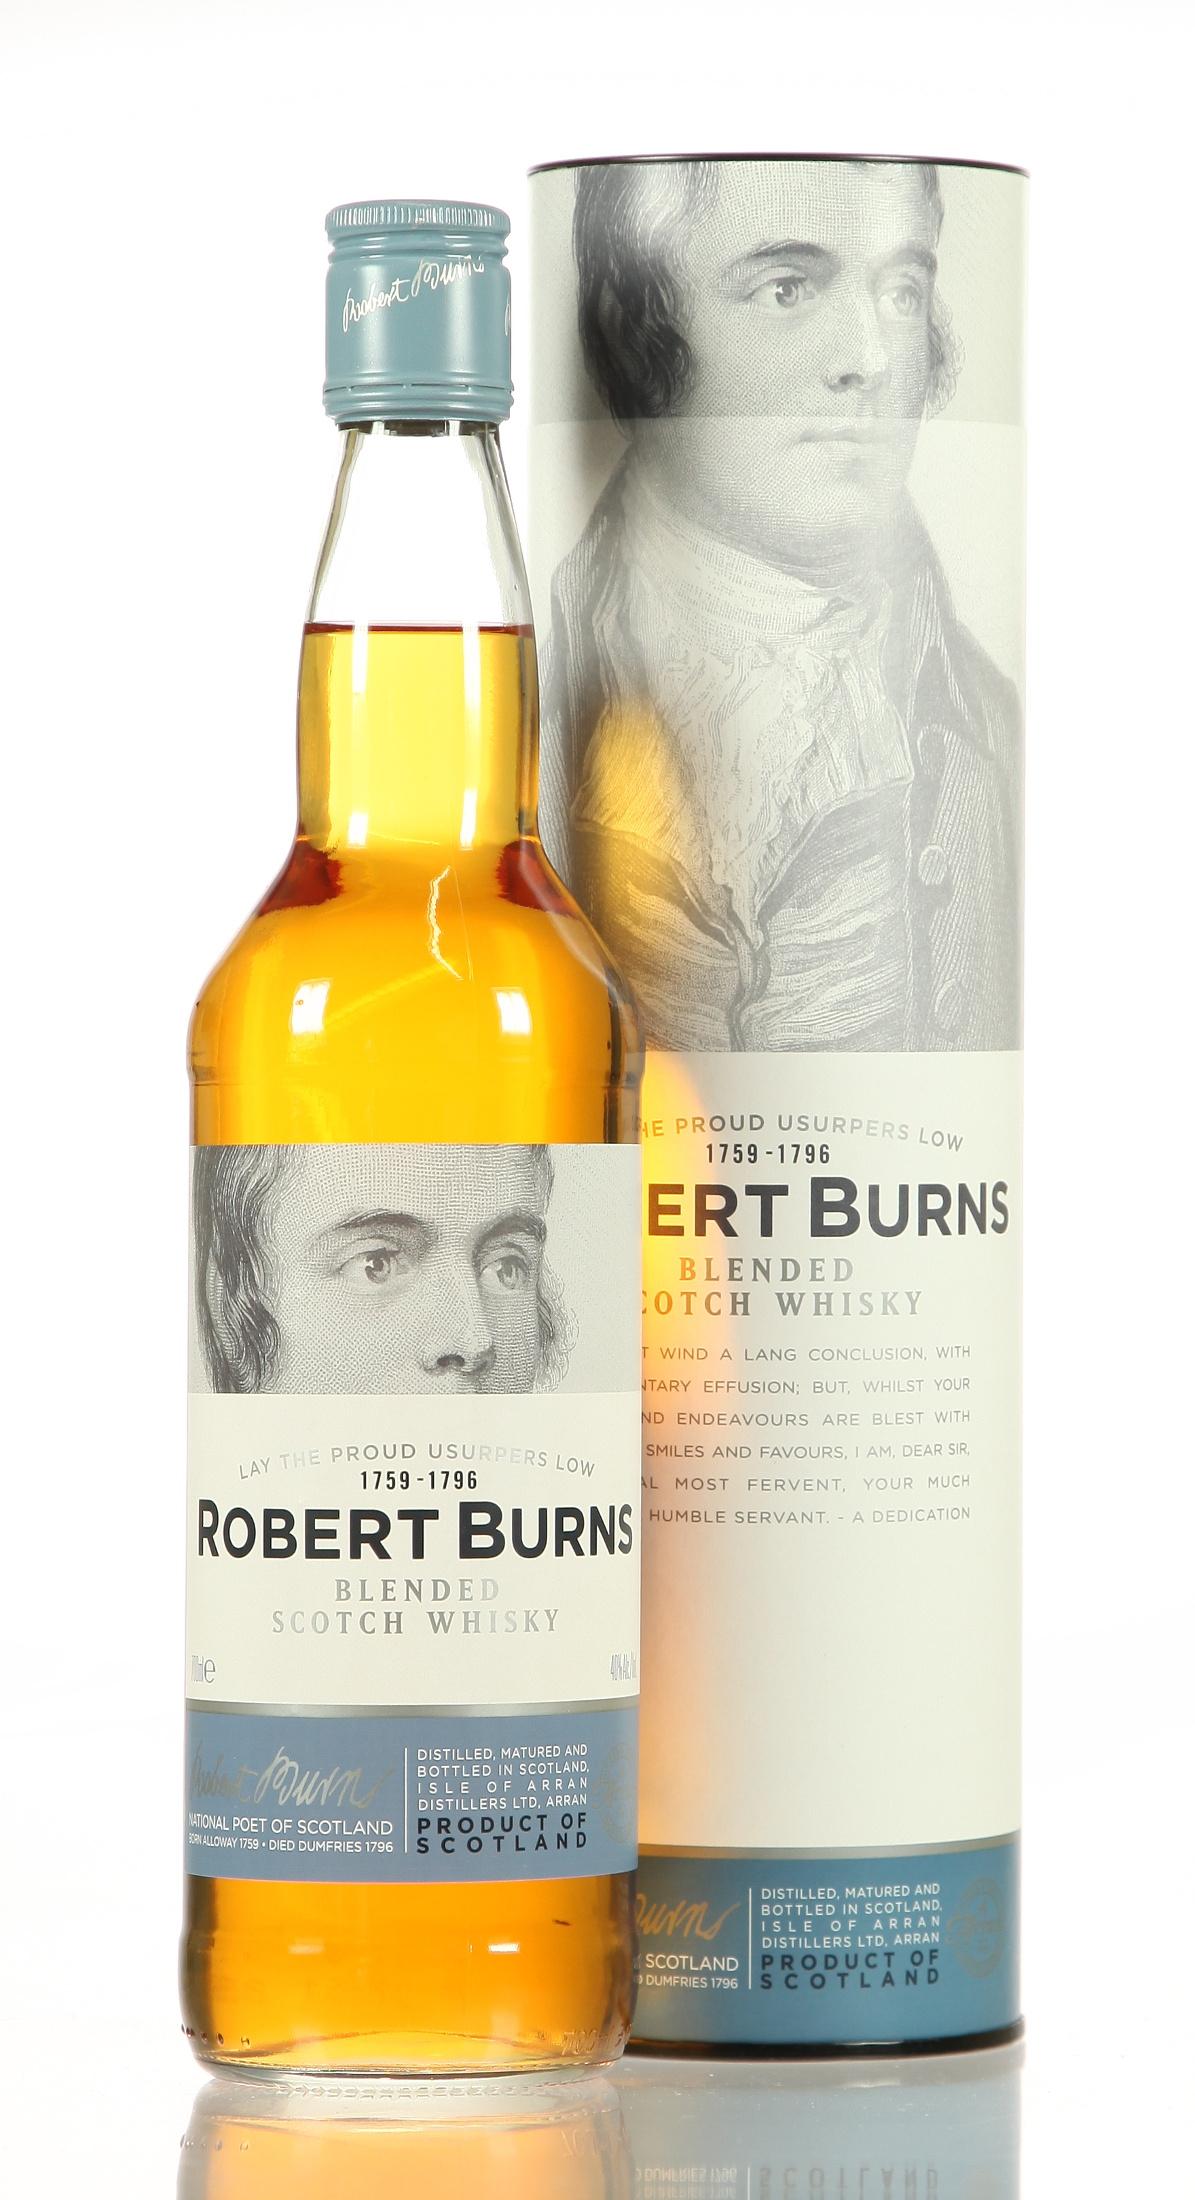 Robert Burns Blend